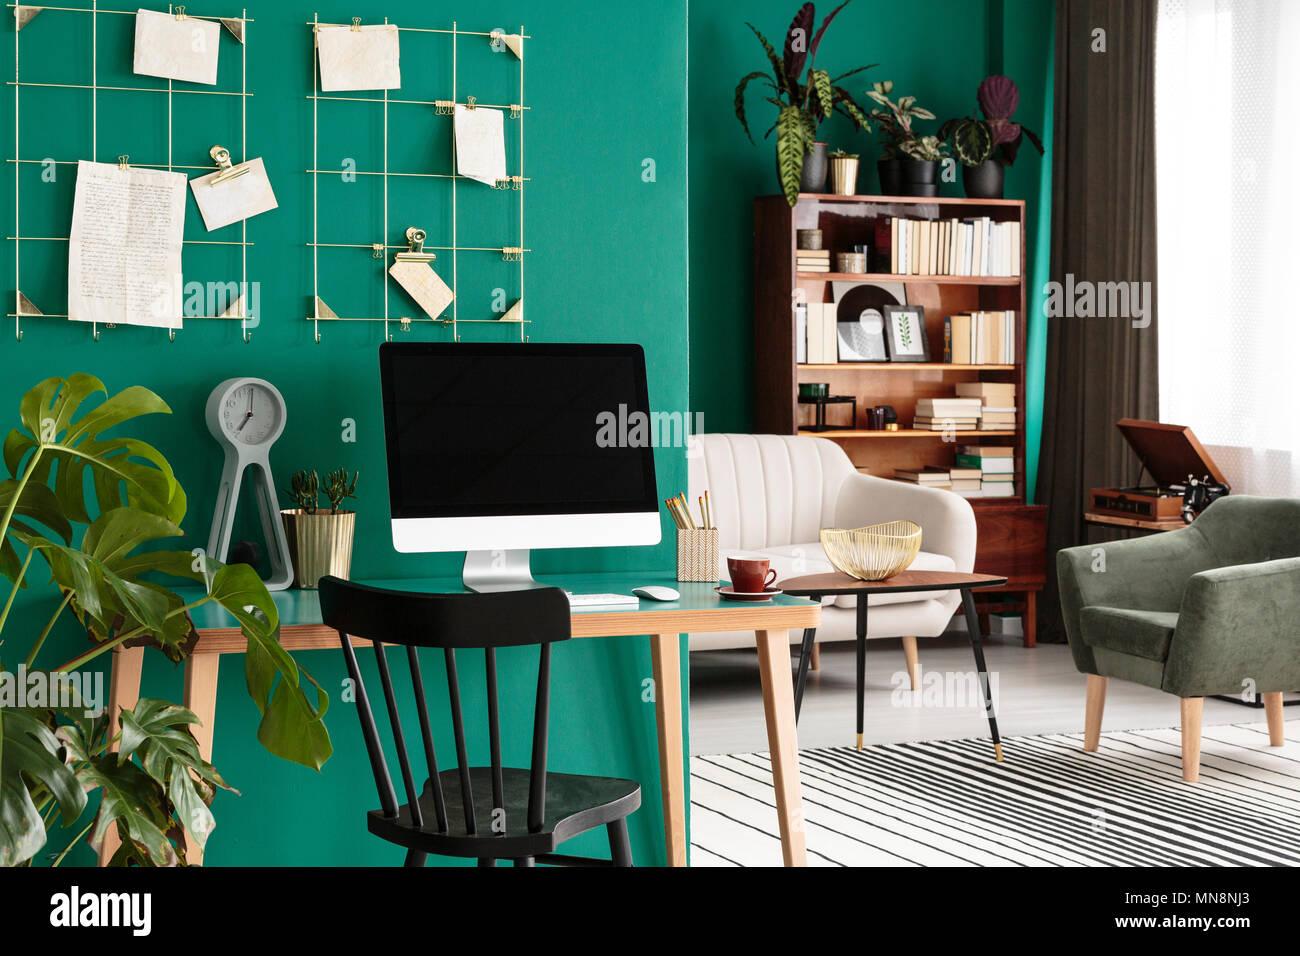 Planter à côté d'un ordinateur de bureau avec chaise en bois dans l'intérieur de l'espace vert dans un salon ouvert Photo Stock